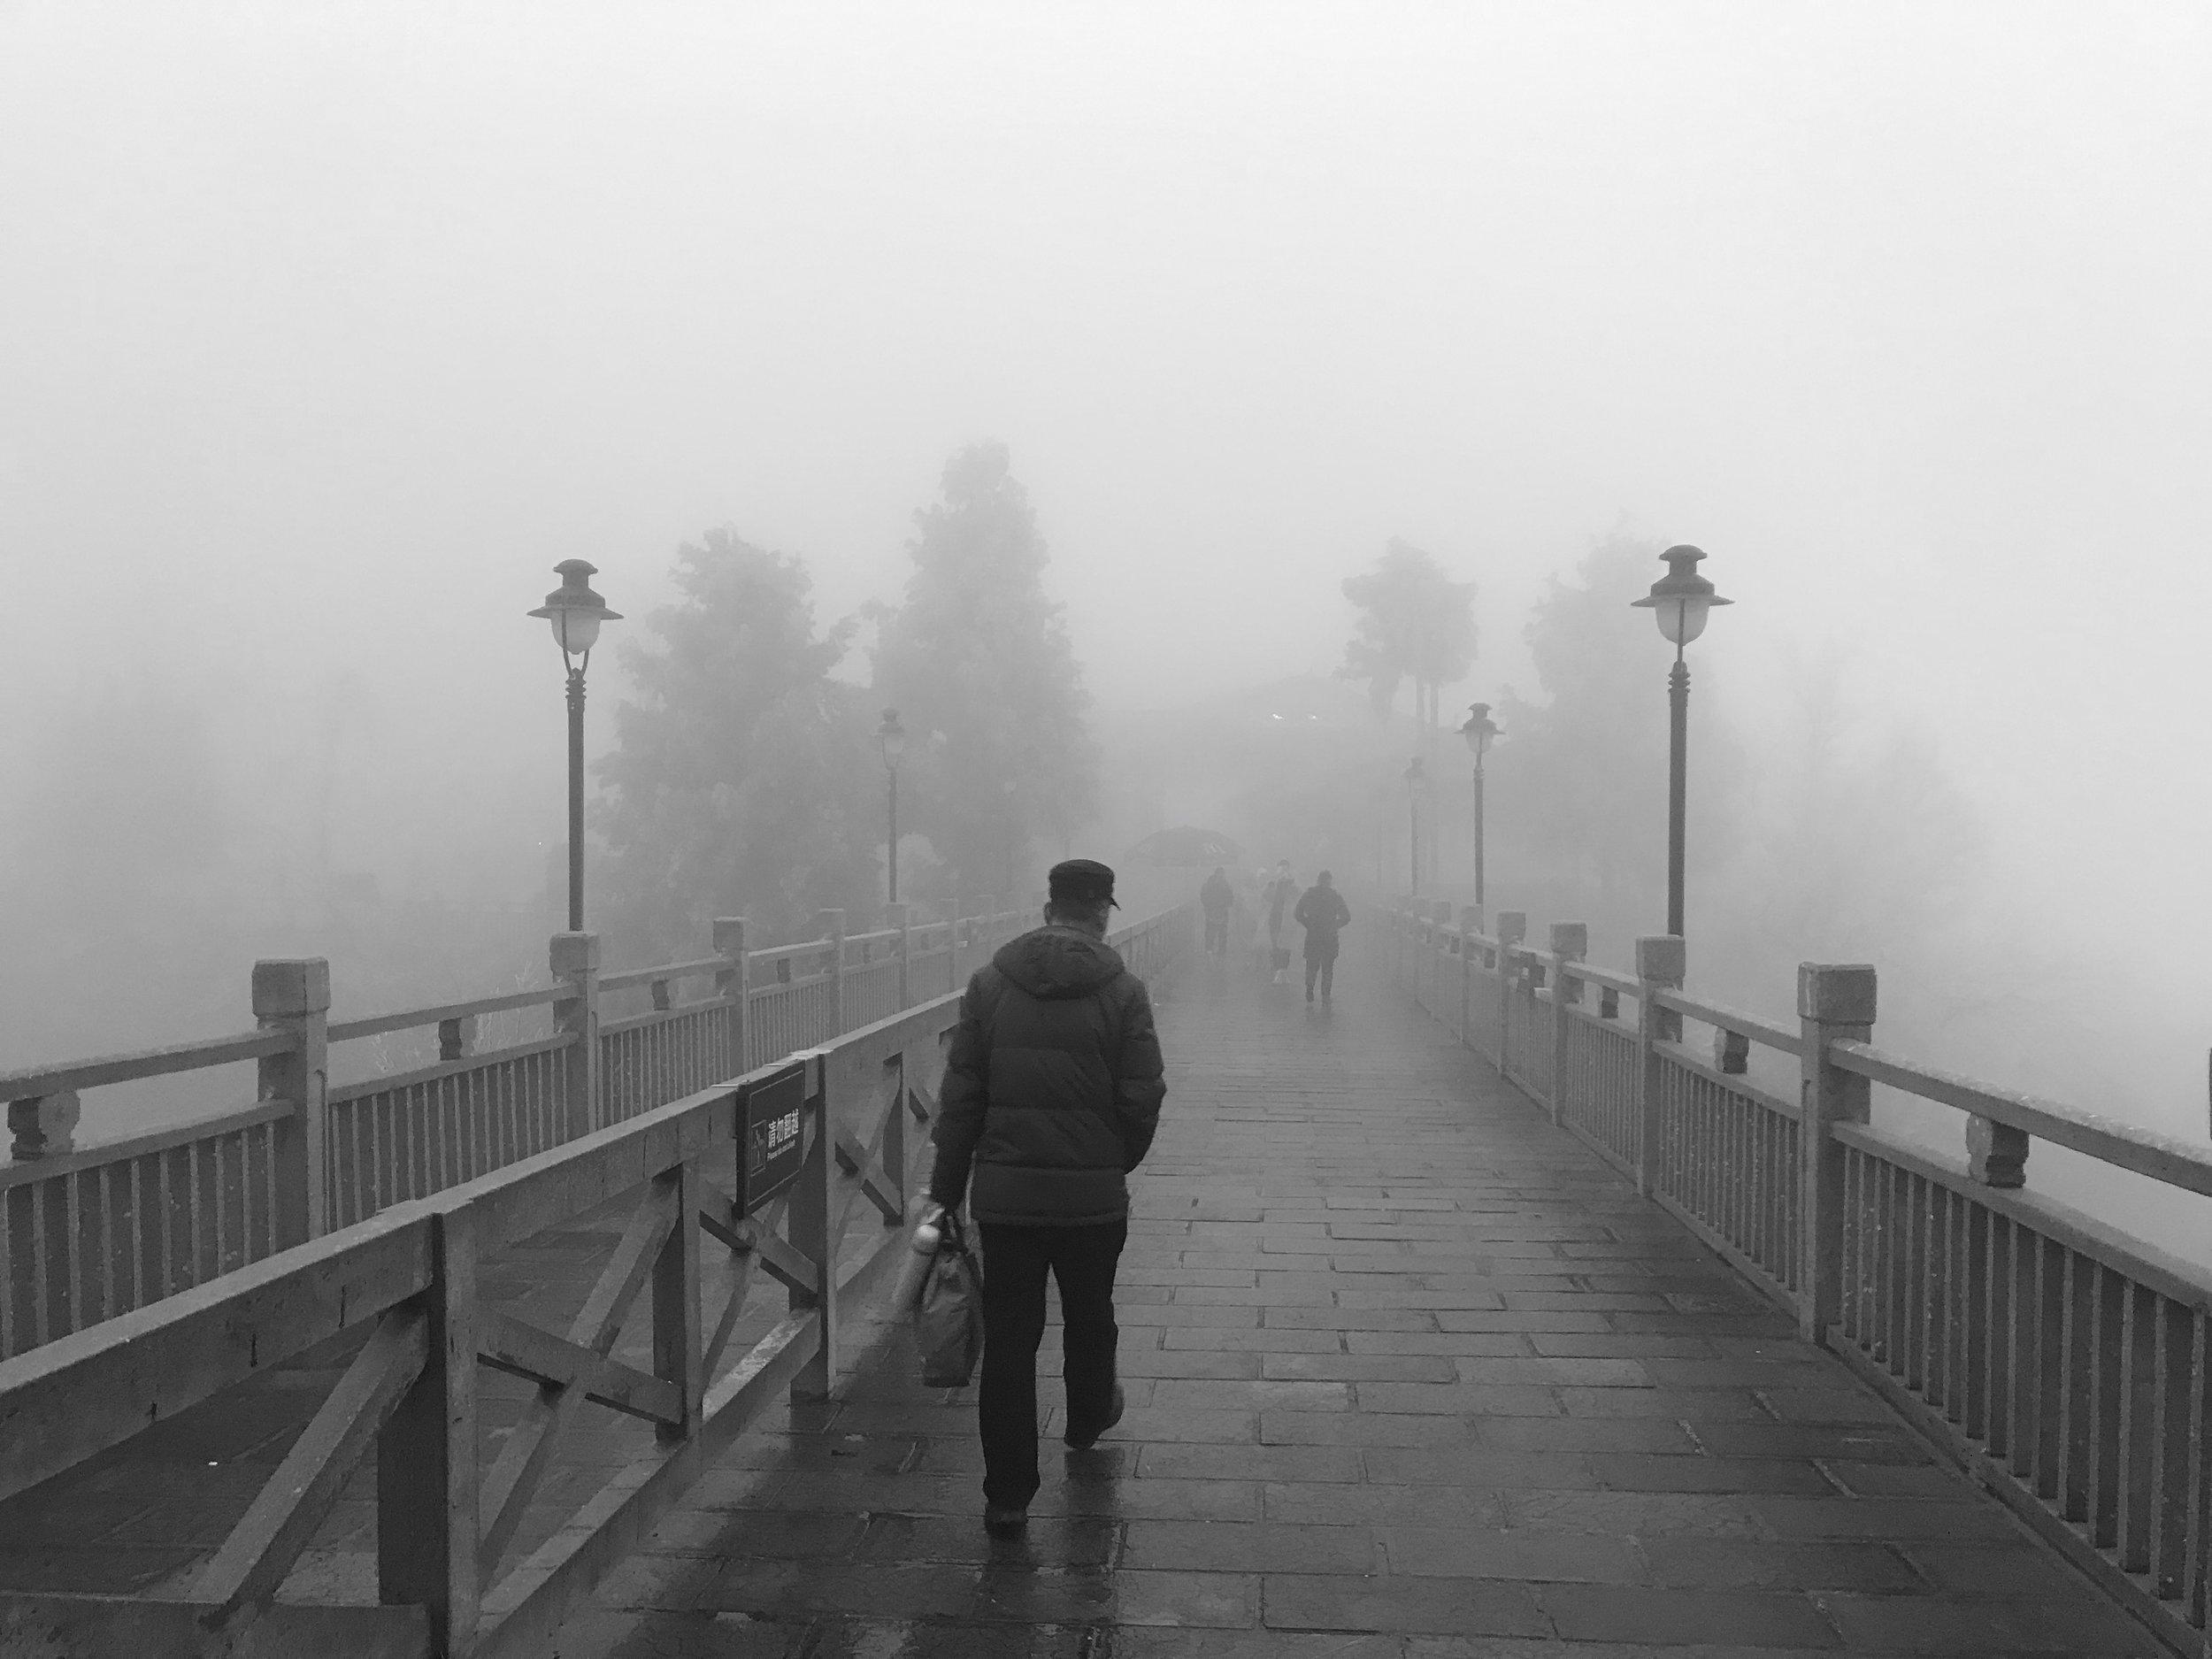 Into the fog.